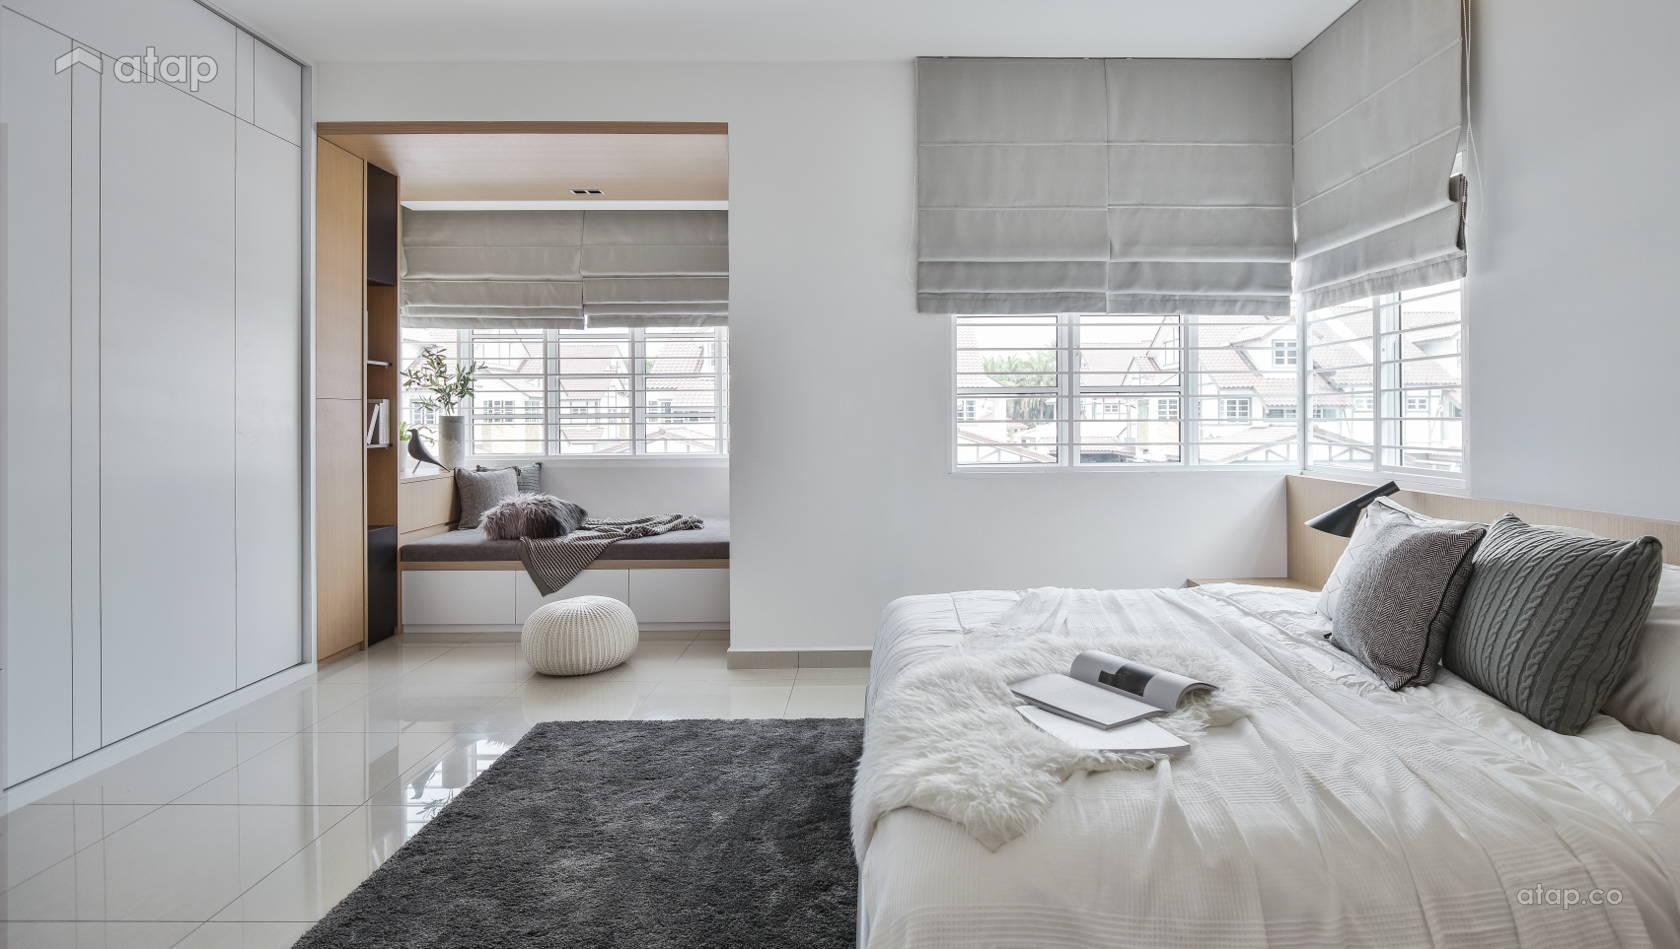 Contemporary Scandinavian Bedroom @ The perfect crush- Semi-D, Perak